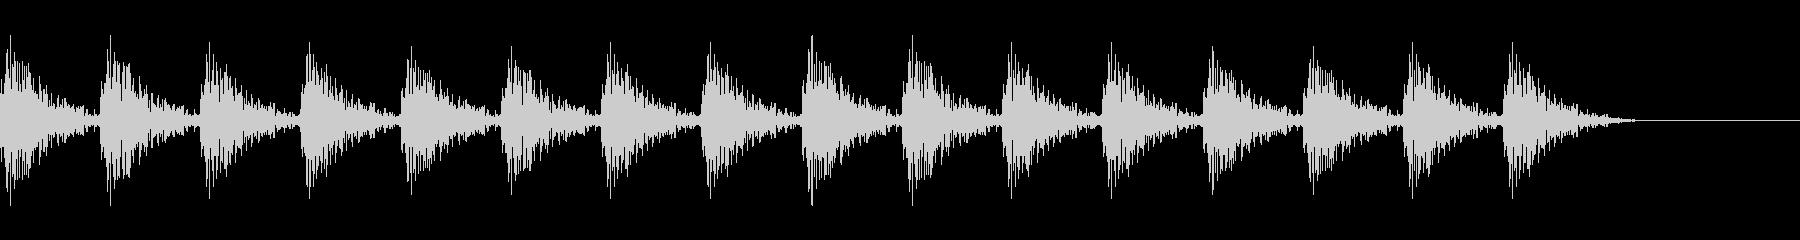 どんどん(巨人、速歩き)A12の未再生の波形